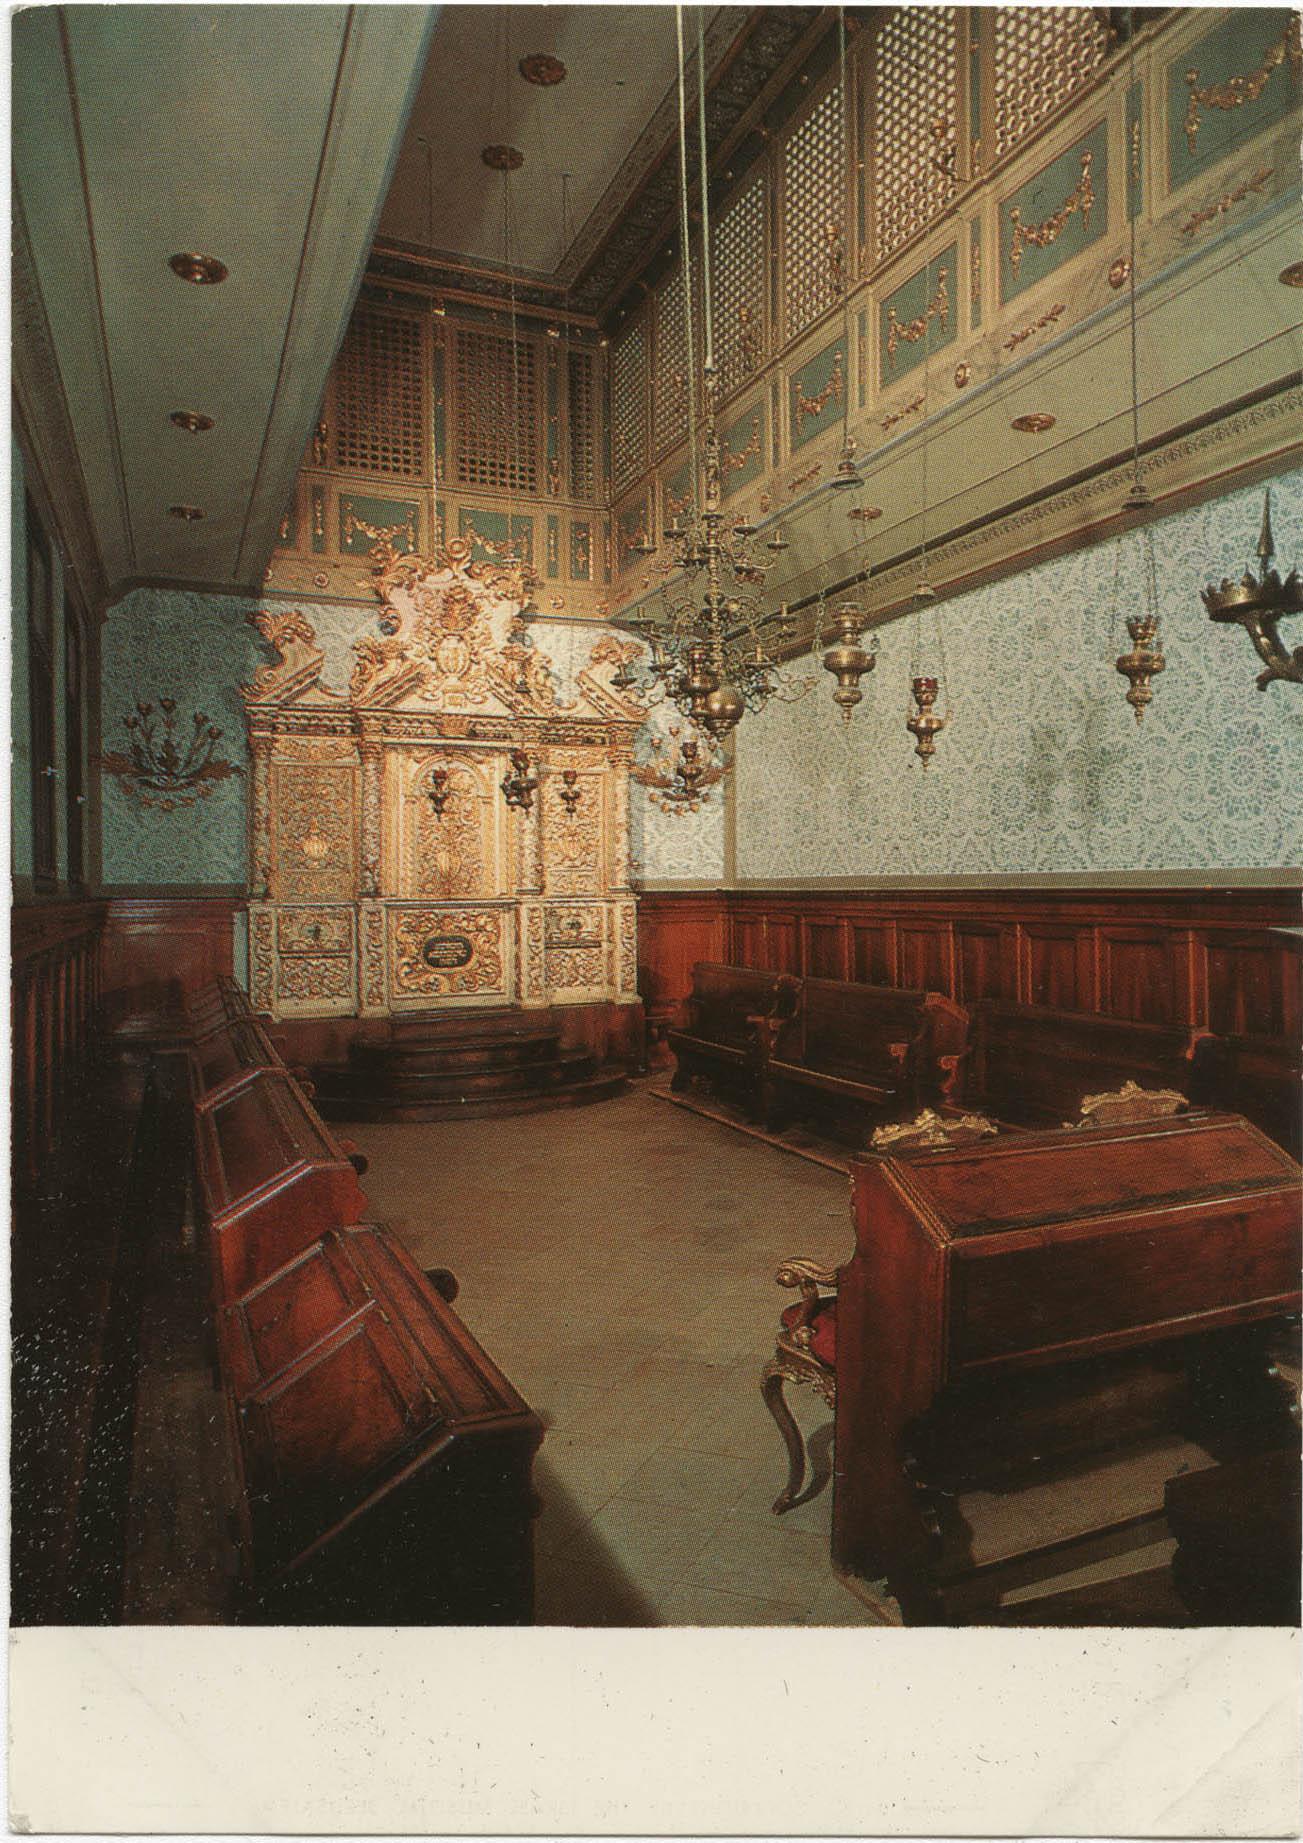 בית הכנסת ויטוריו ונטו, איטליה - תס''א / Vittorio Veneto Synagogue, Italy - 1701